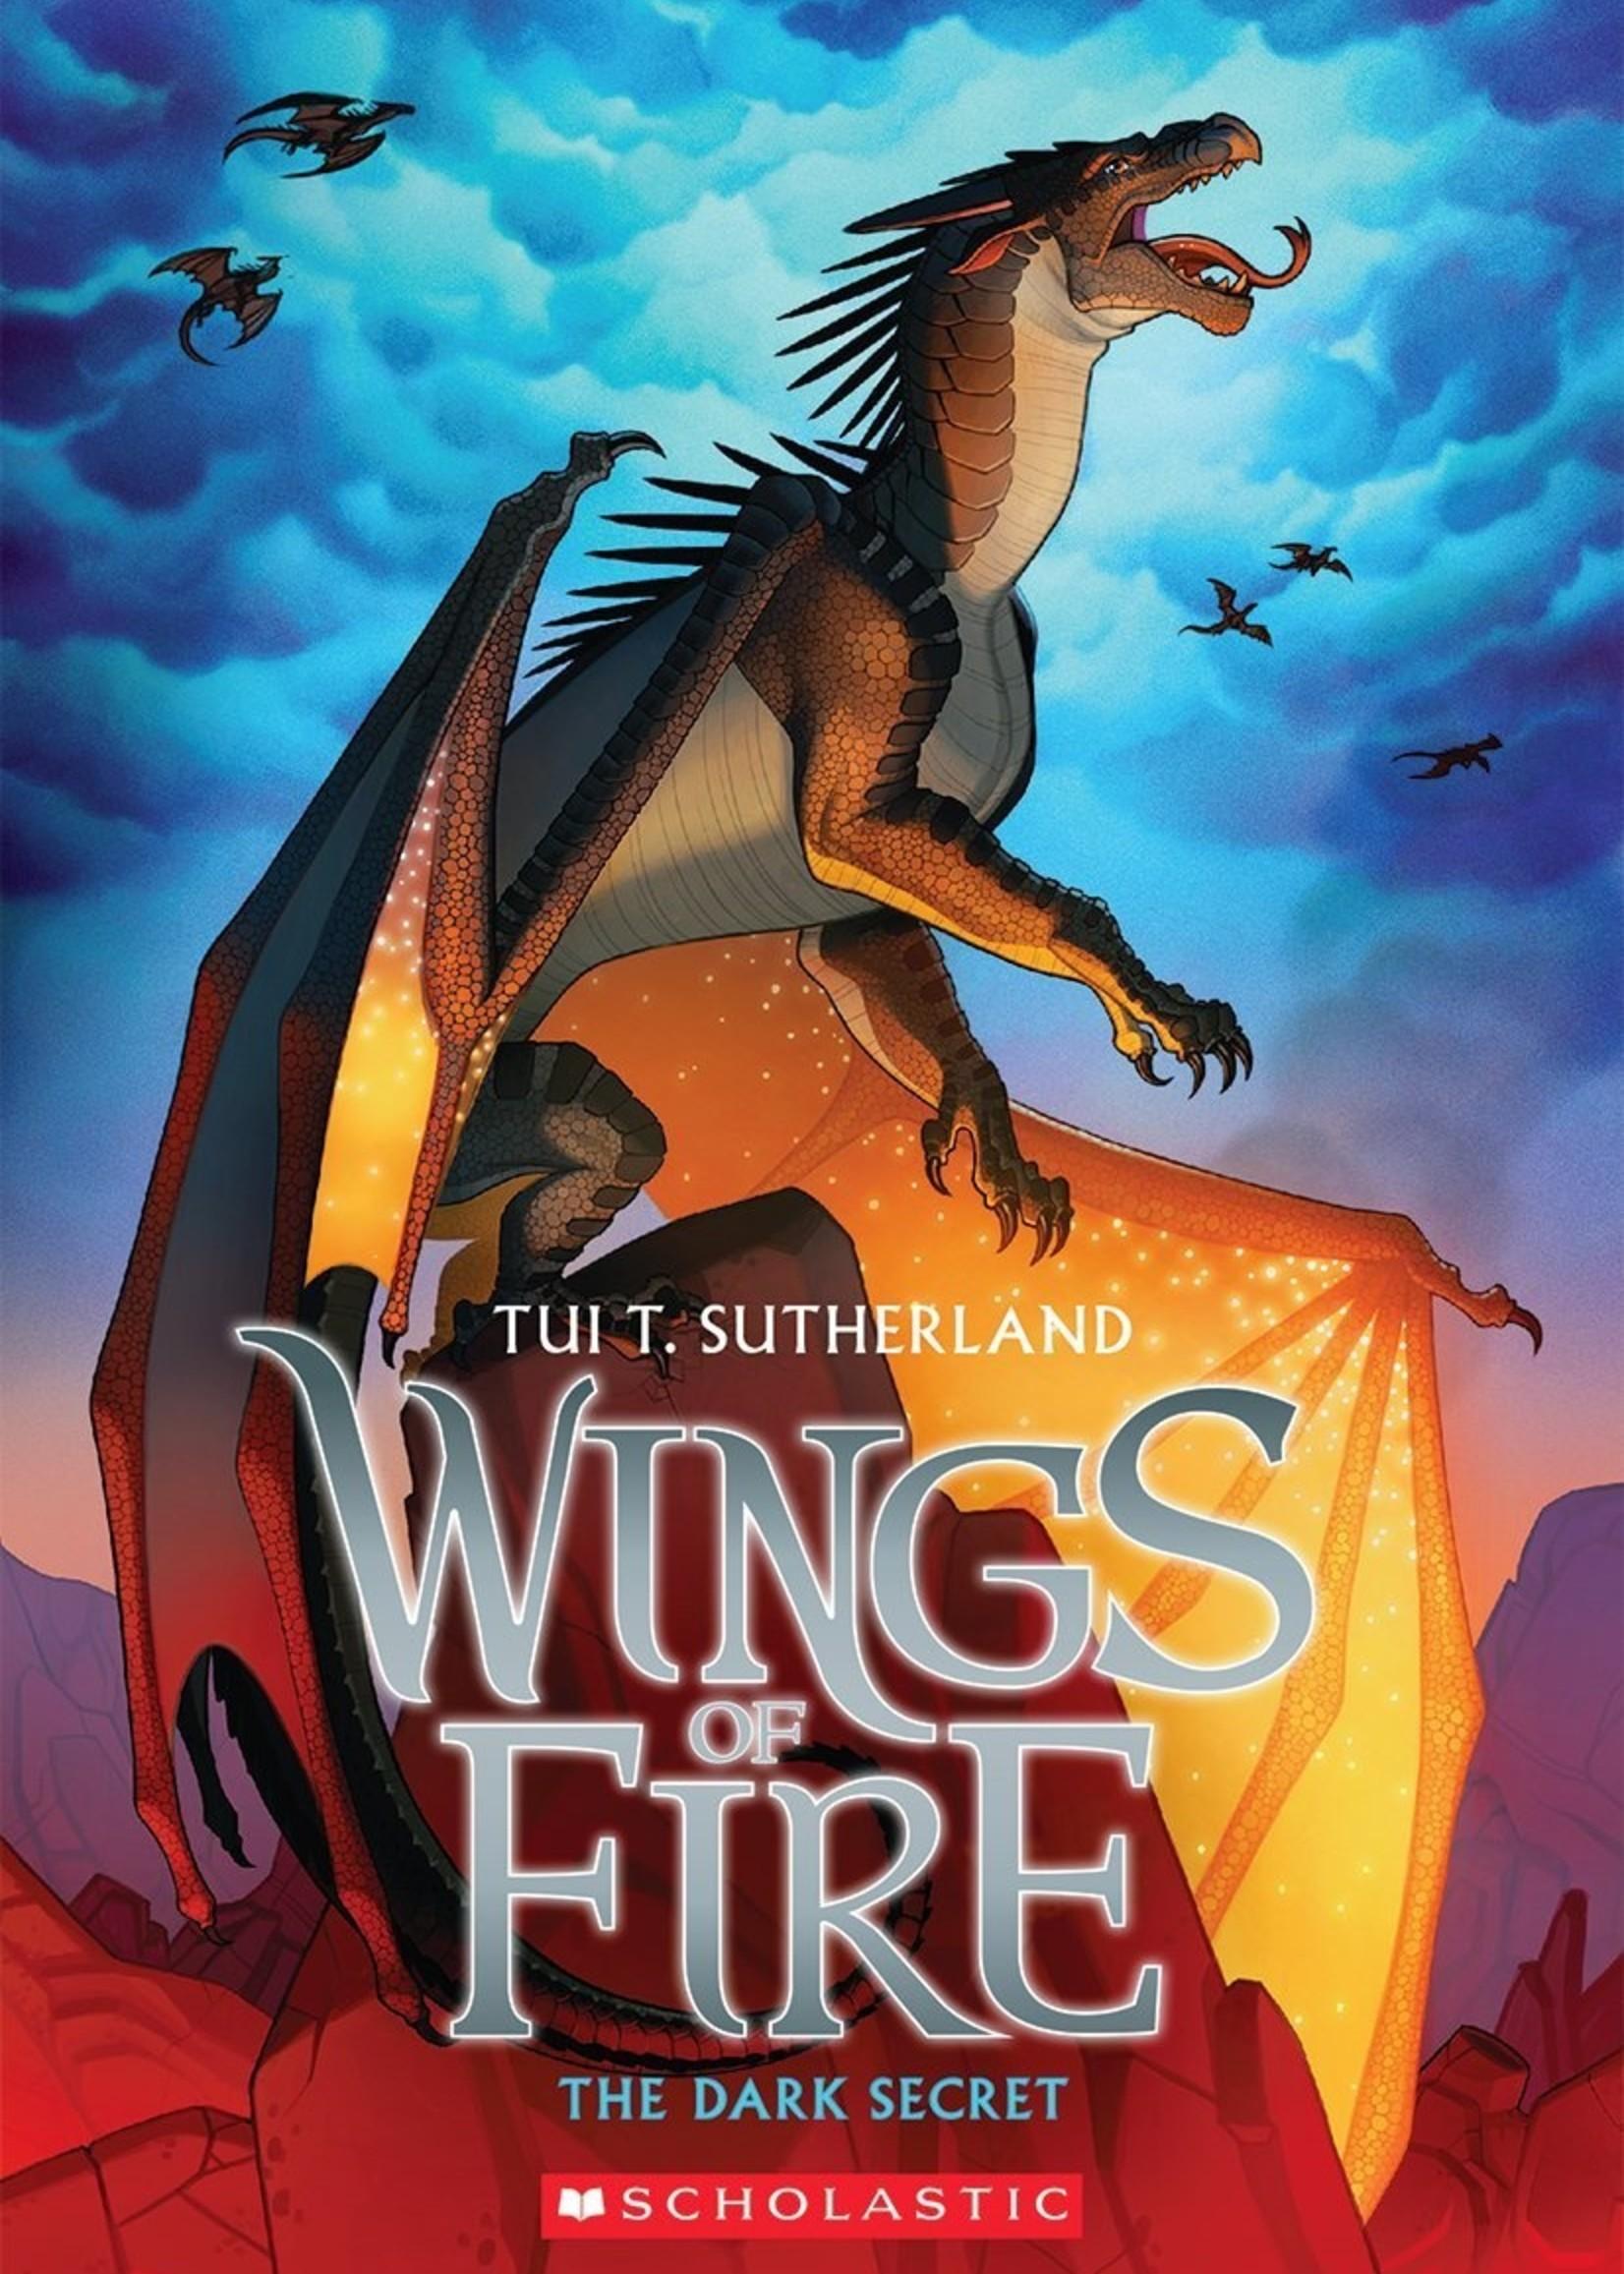 Wings of Fire #04, The Dark Secret - Paperback